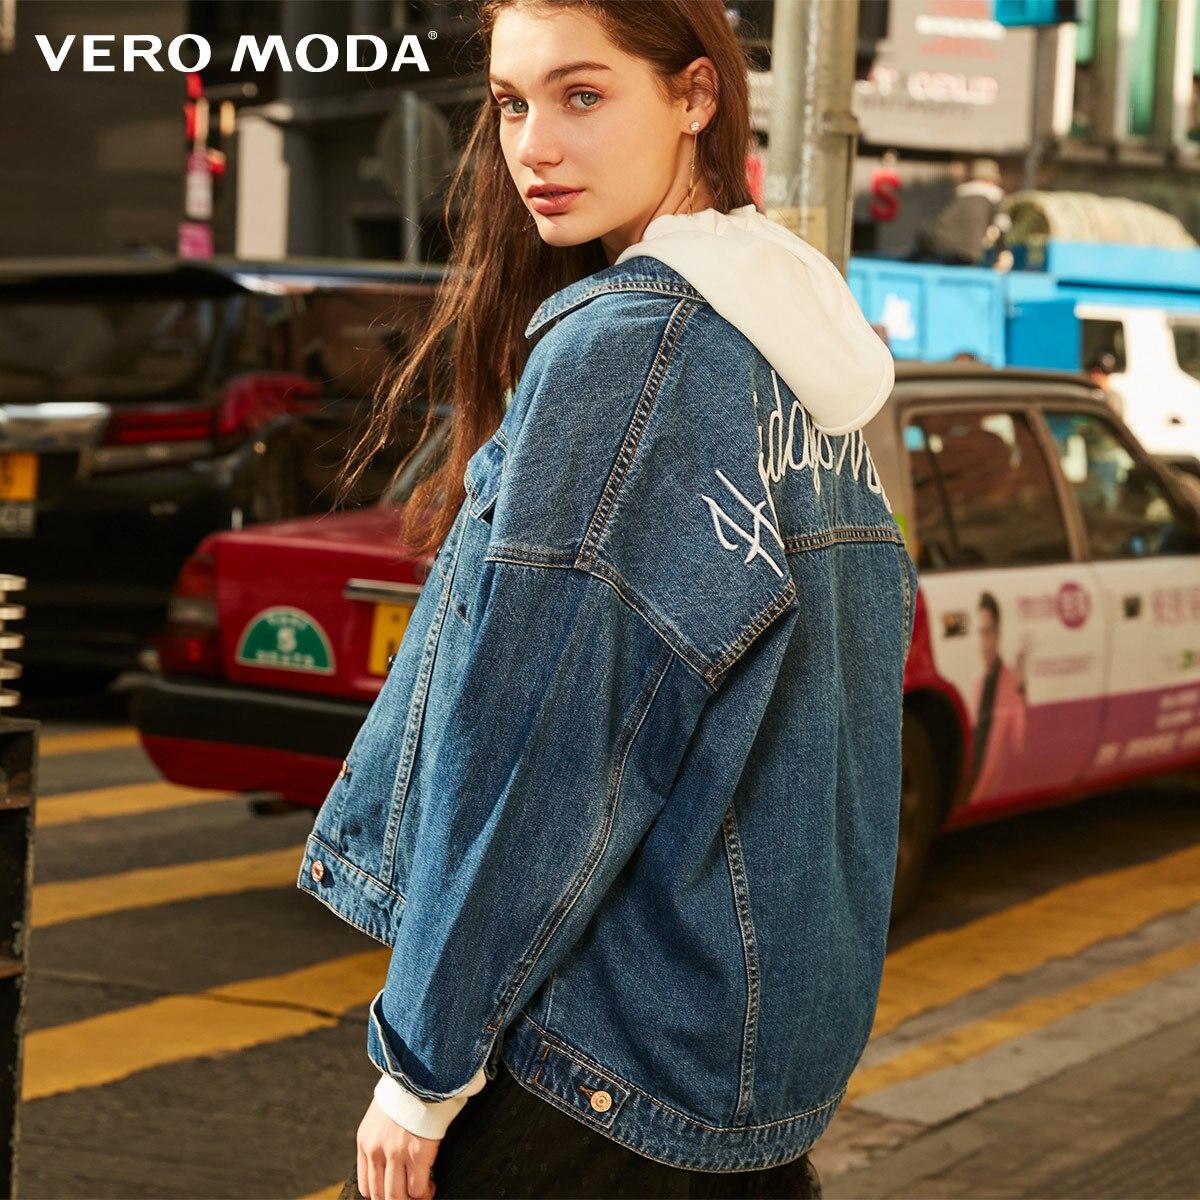 Vero Moda Women's 100% Cotton Embroidered Streetwear Denim Jacket | 319157518